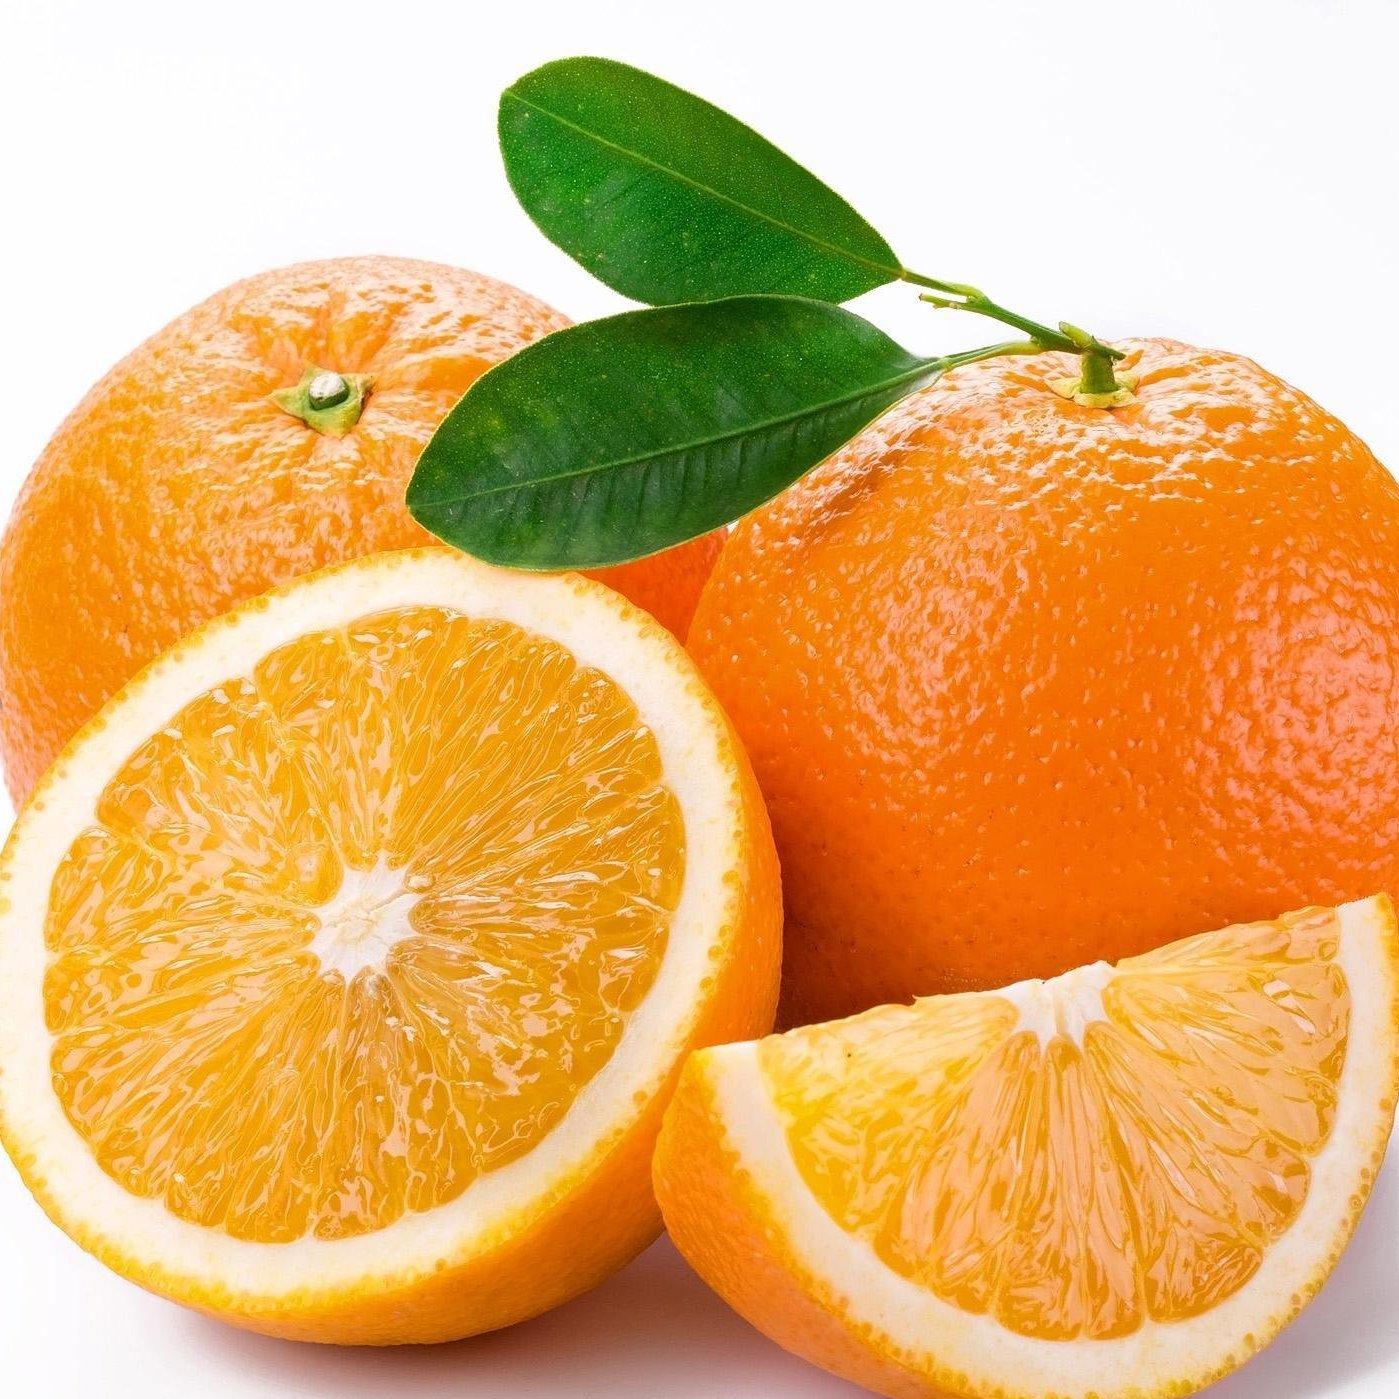 甜���/9�/9�9�%9�.��izj�_新鲜水果多汁甜橙子现摘现发农家时令赣南脐橙果园直供5斤装包.